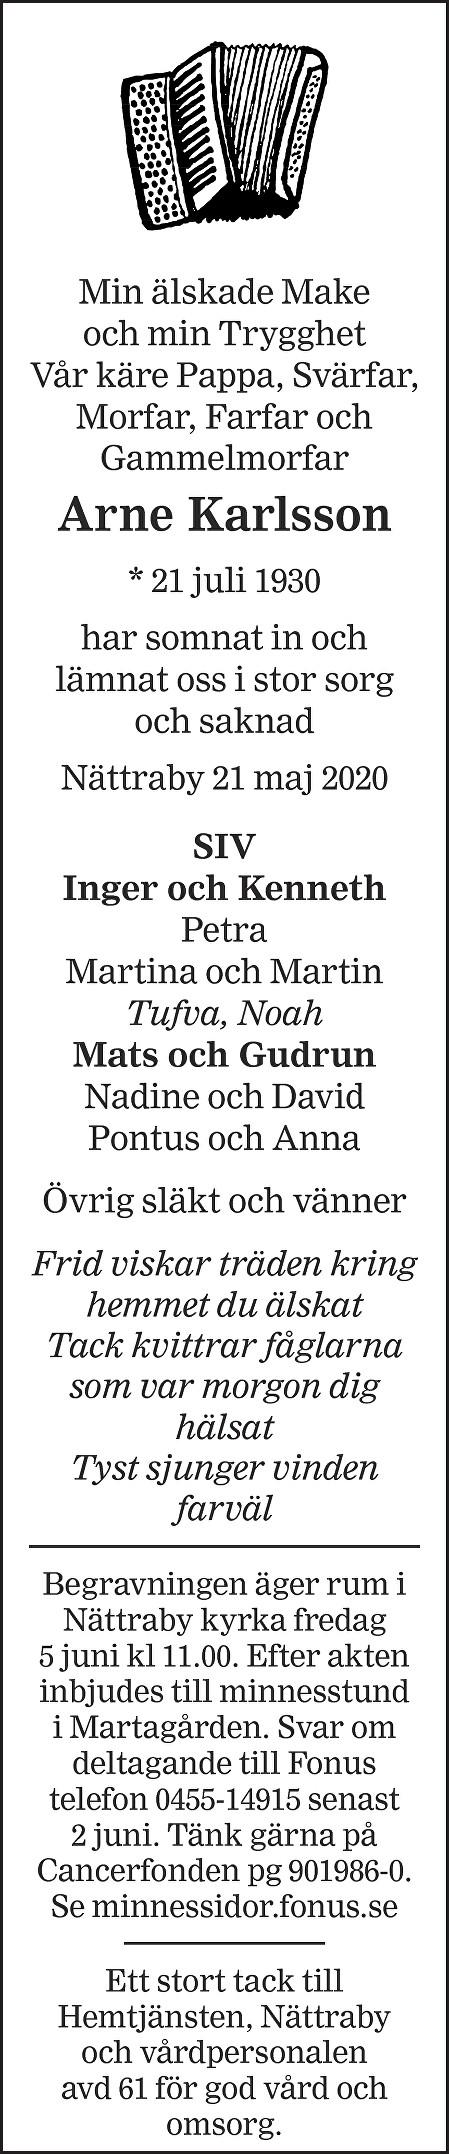 Arne Karlsson Death notice